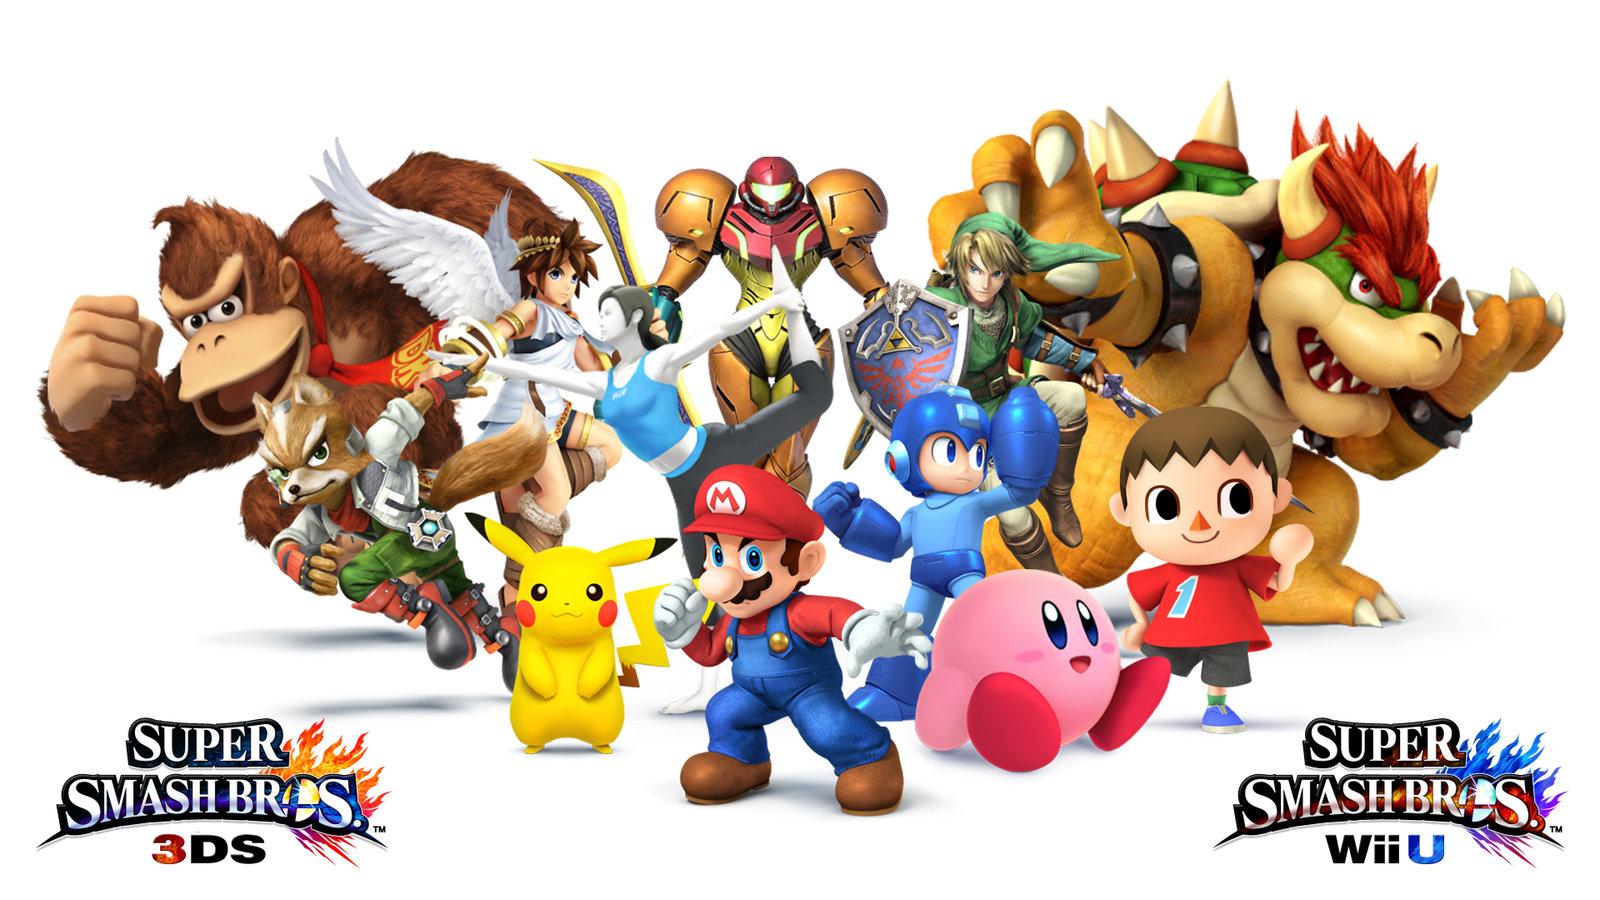 Super Smash Bros For Wii U Wallpaper Krash